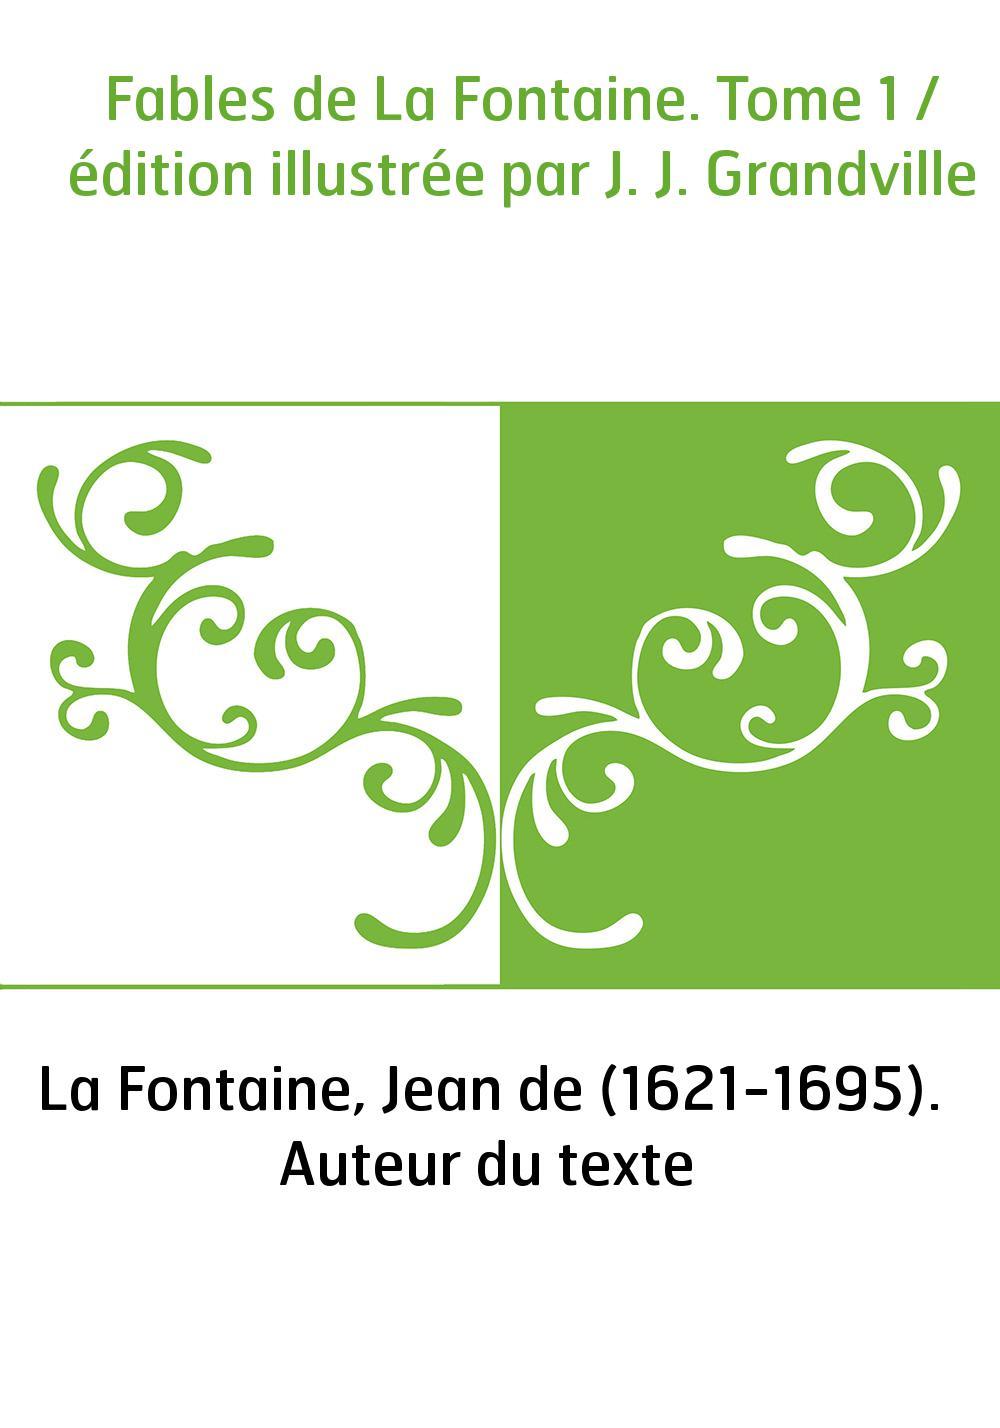 Fables de La Fontaine. Tome 1 / édition illustrée par J. J. Grandville